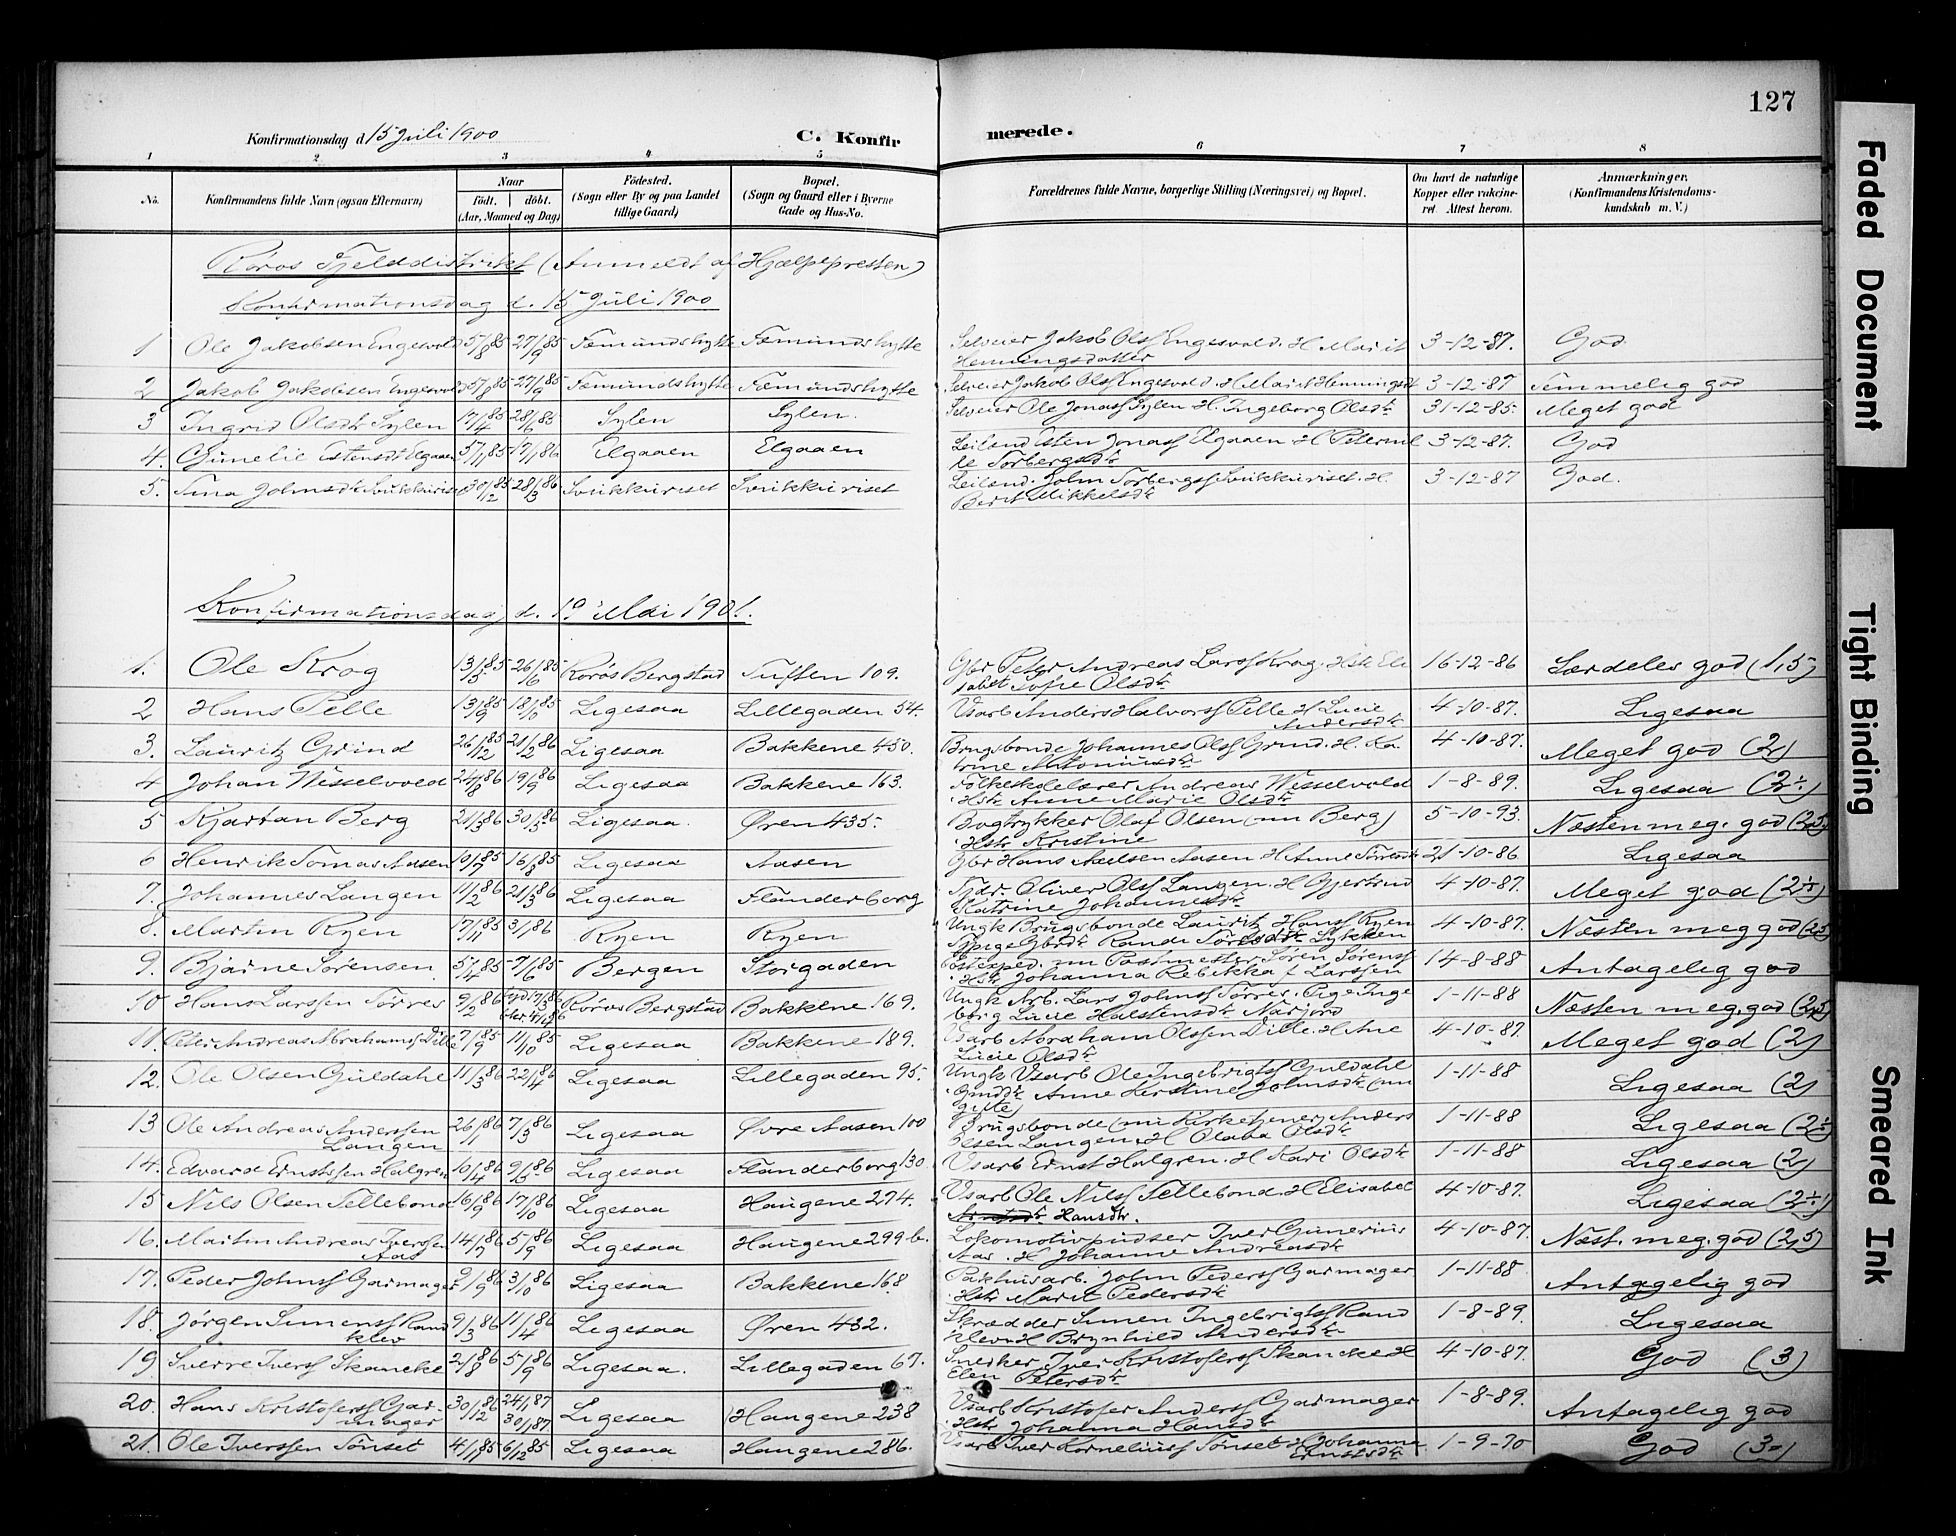 SAT, Ministerialprotokoller, klokkerbøker og fødselsregistre - Sør-Trøndelag, 681/L0936: Ministerialbok nr. 681A14, 1899-1908, s. 127